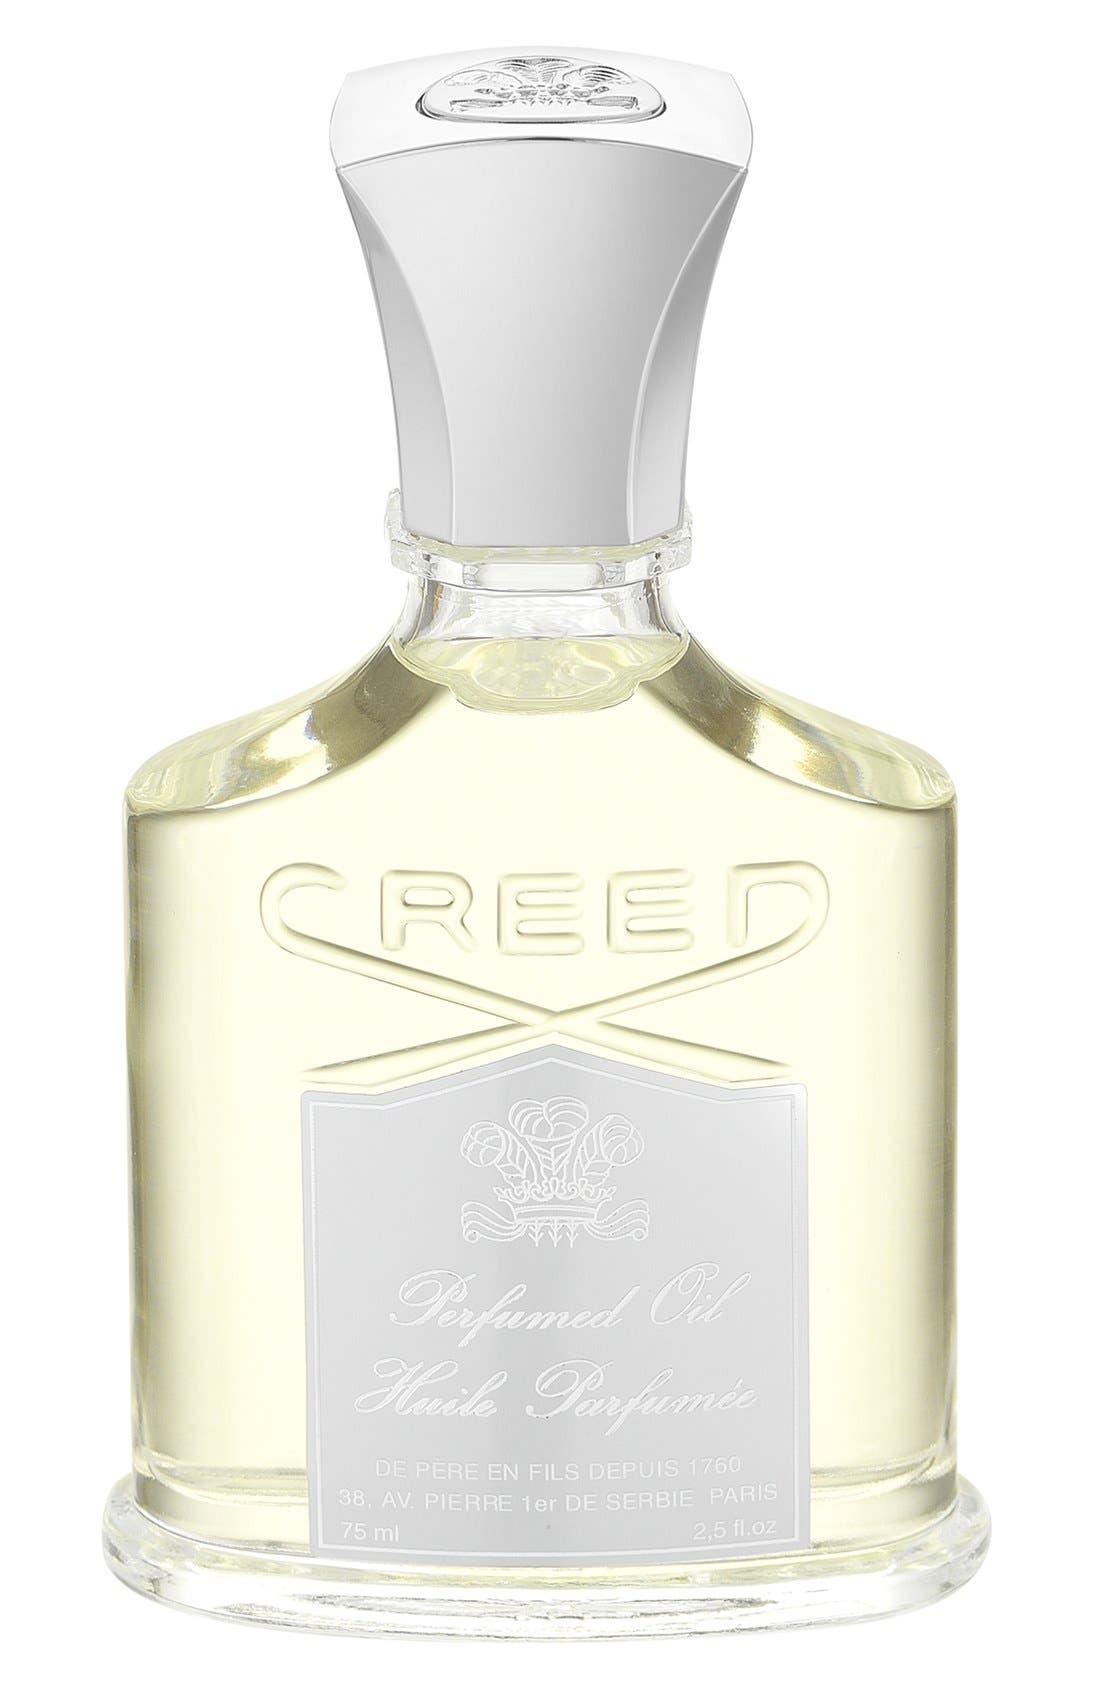 Creed 'Aqua Fiorentina' Perfume Oil Spray